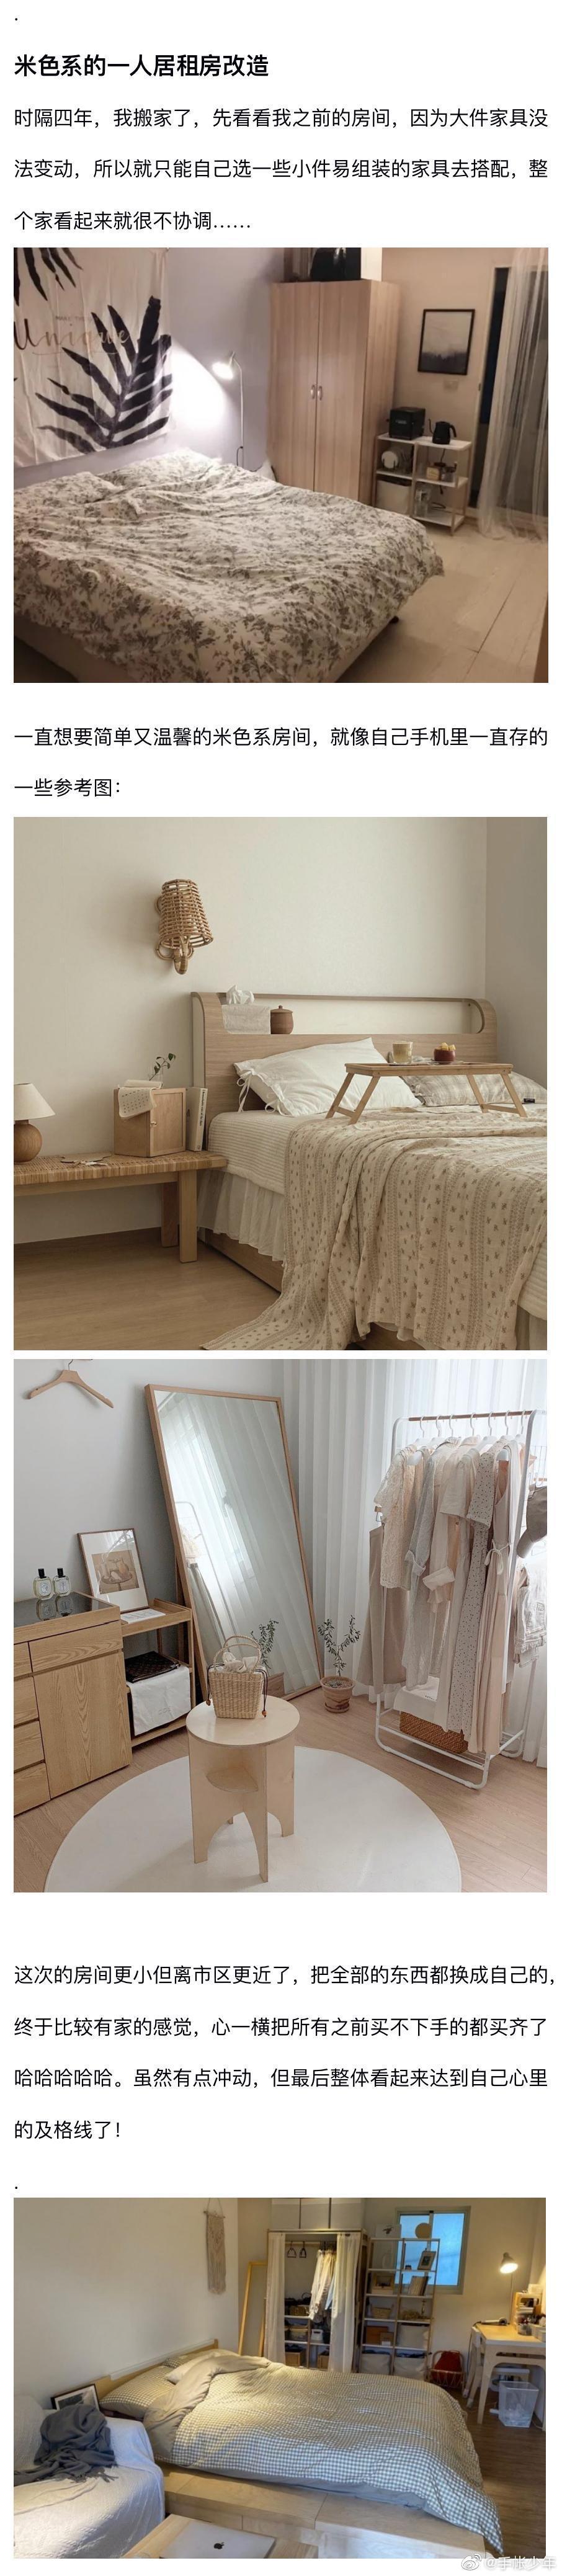 简单温馨的一人居小房间改造,迎接冬天的卧室必须是暖色调的